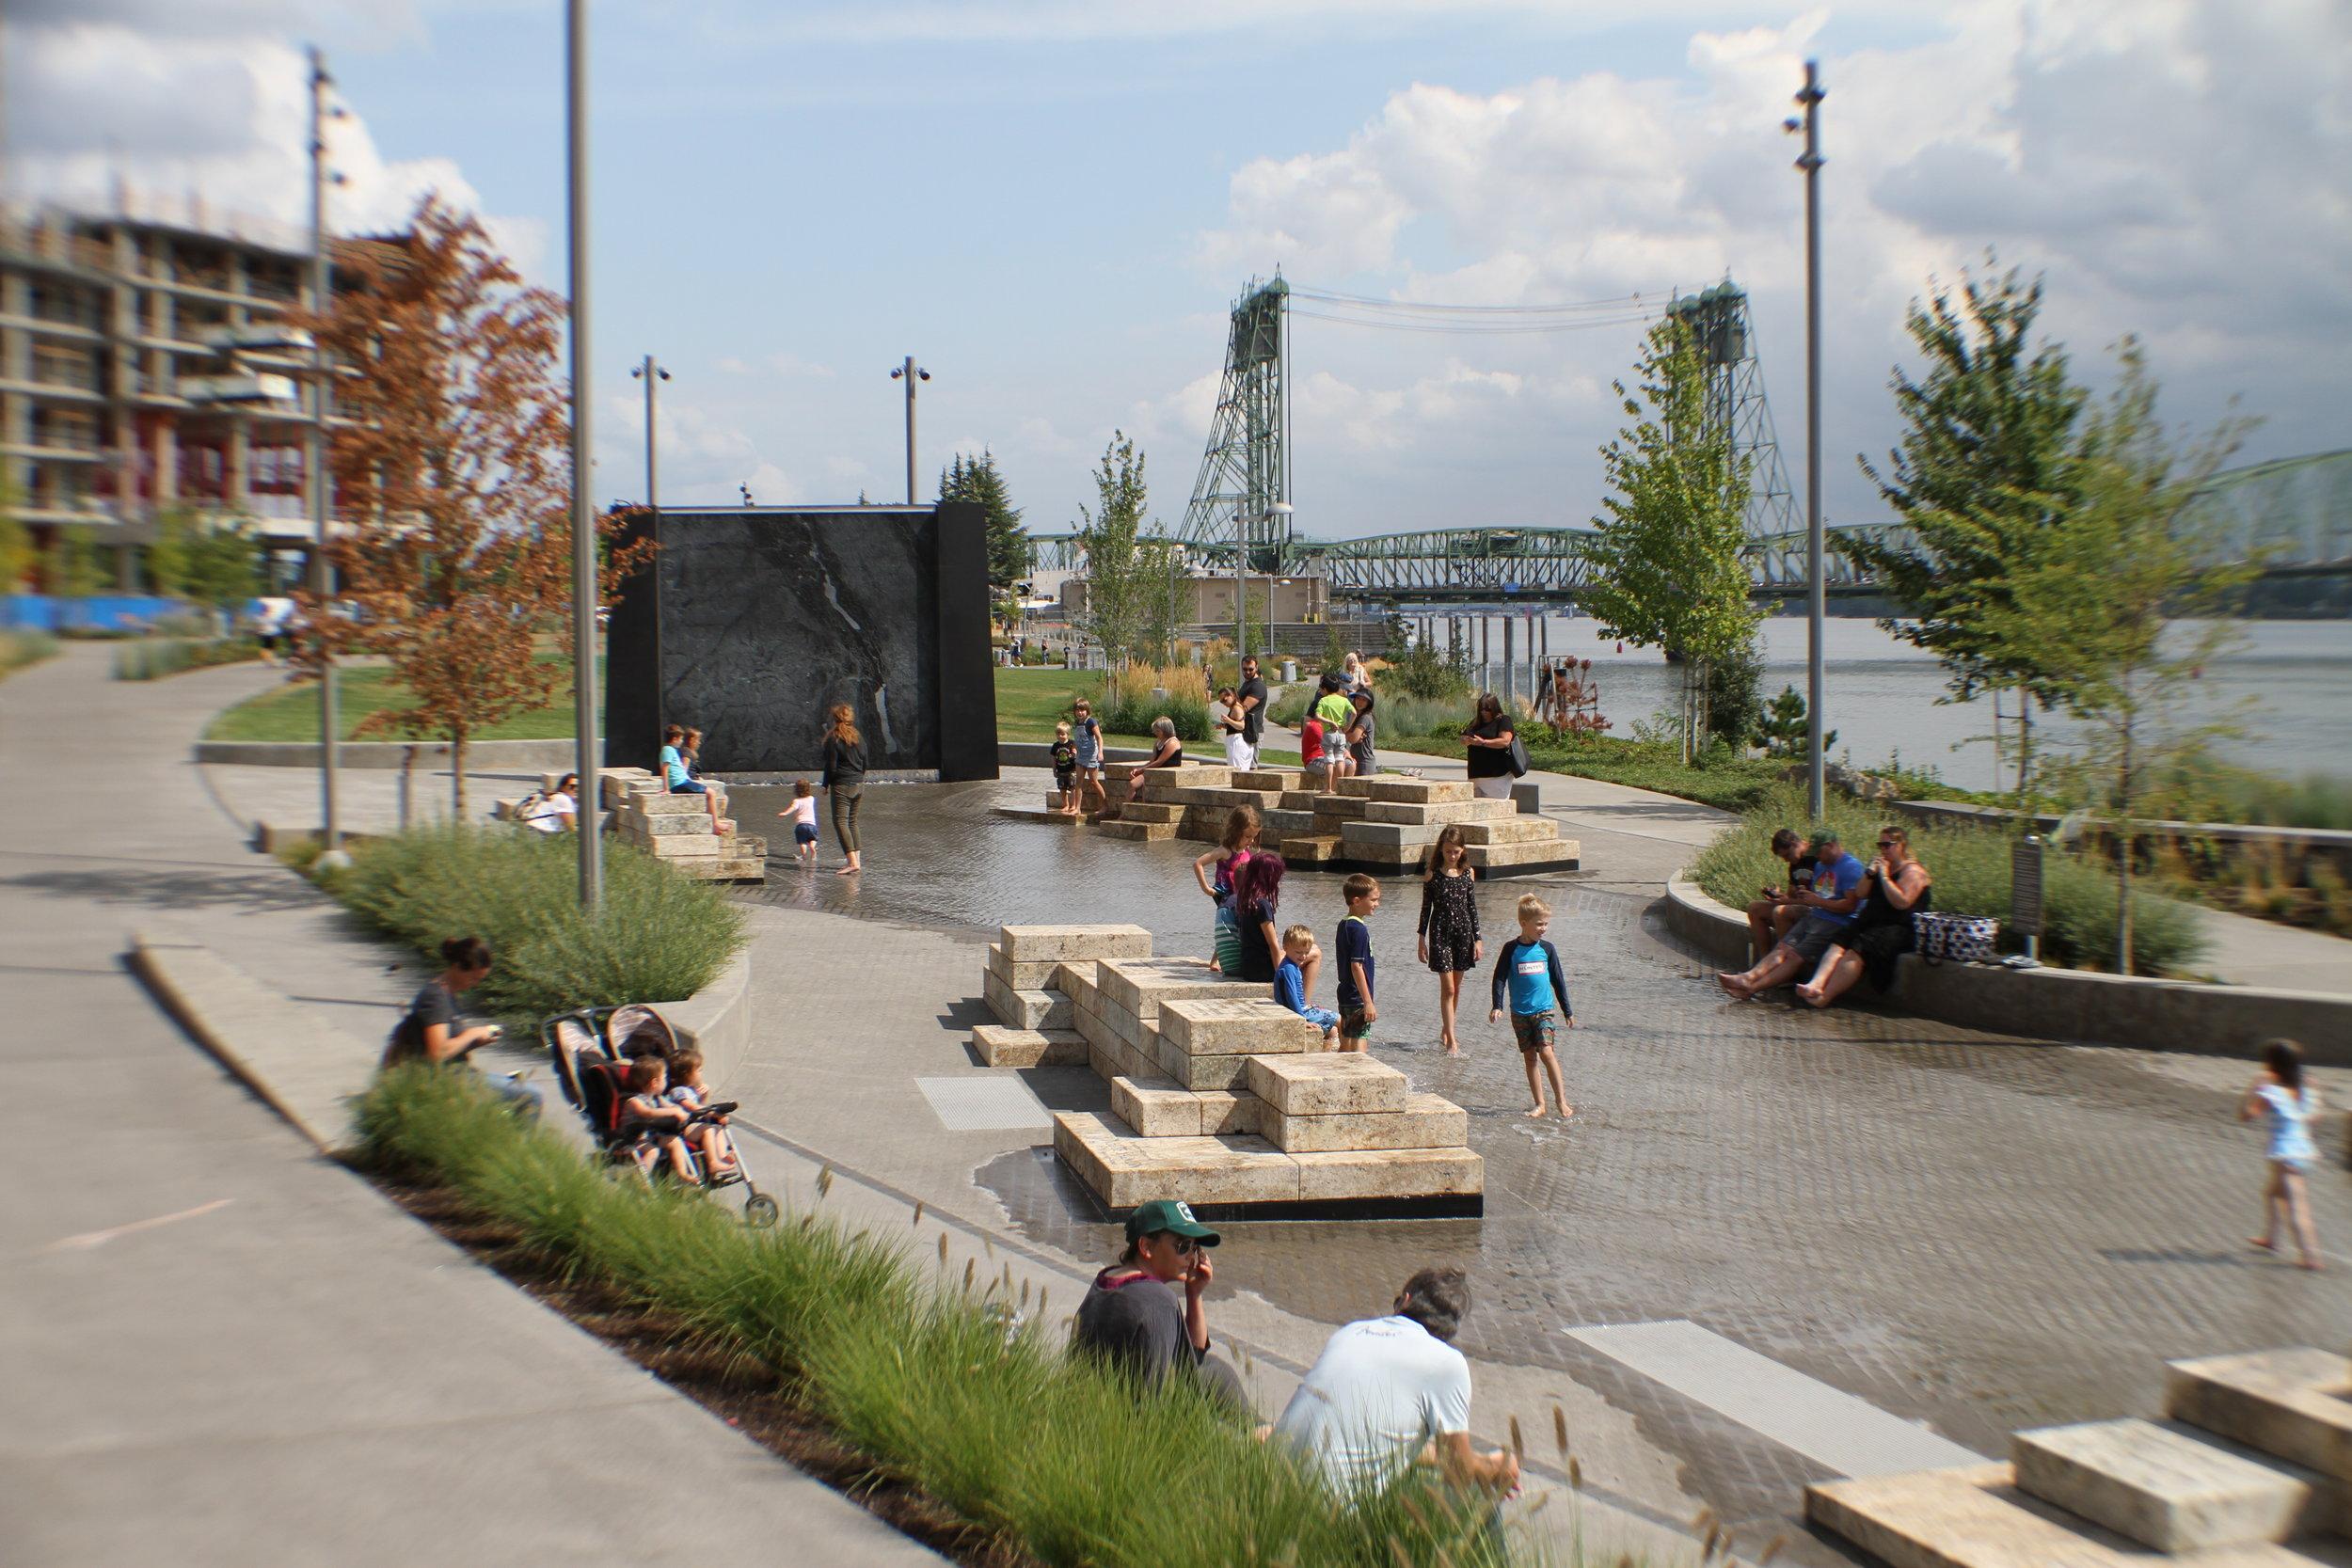 vancouver_waterfront park fountain_larry kirkland_public art services_j grant projects_23.JPG